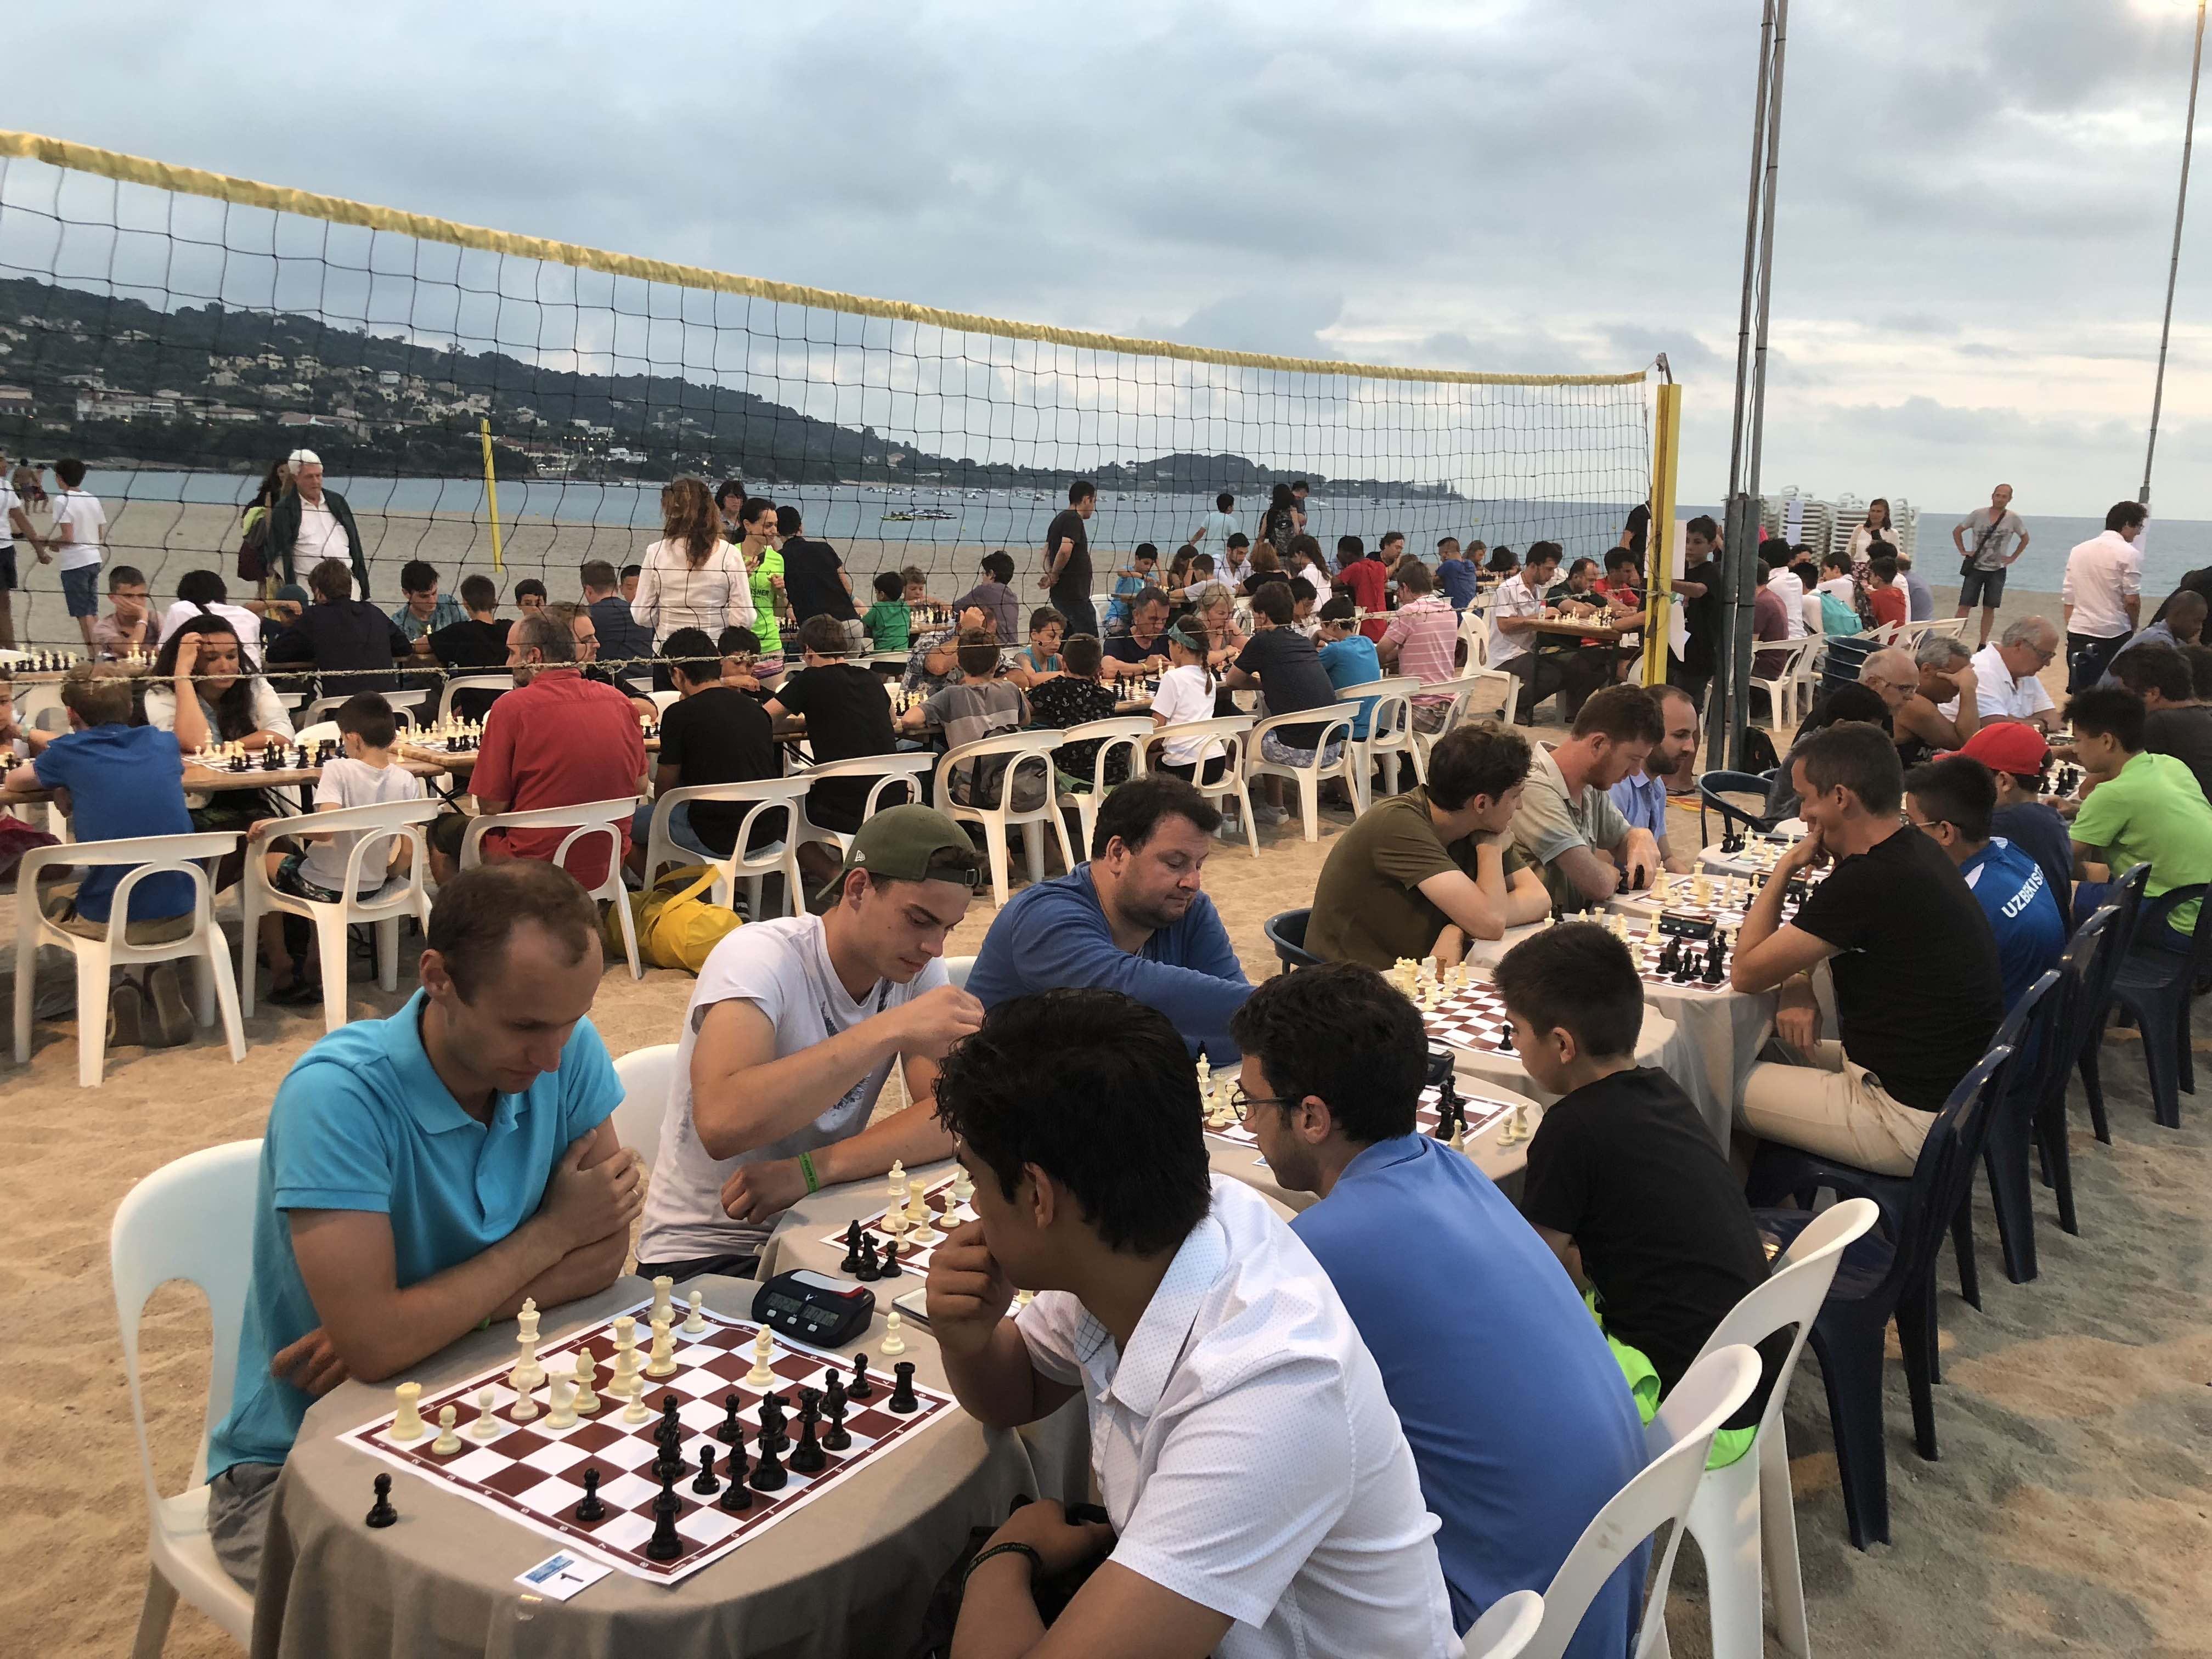 Le Blitz sur la plage de Purtichju, un tournoi magique remporté par le jeune indien Nihal Sarin